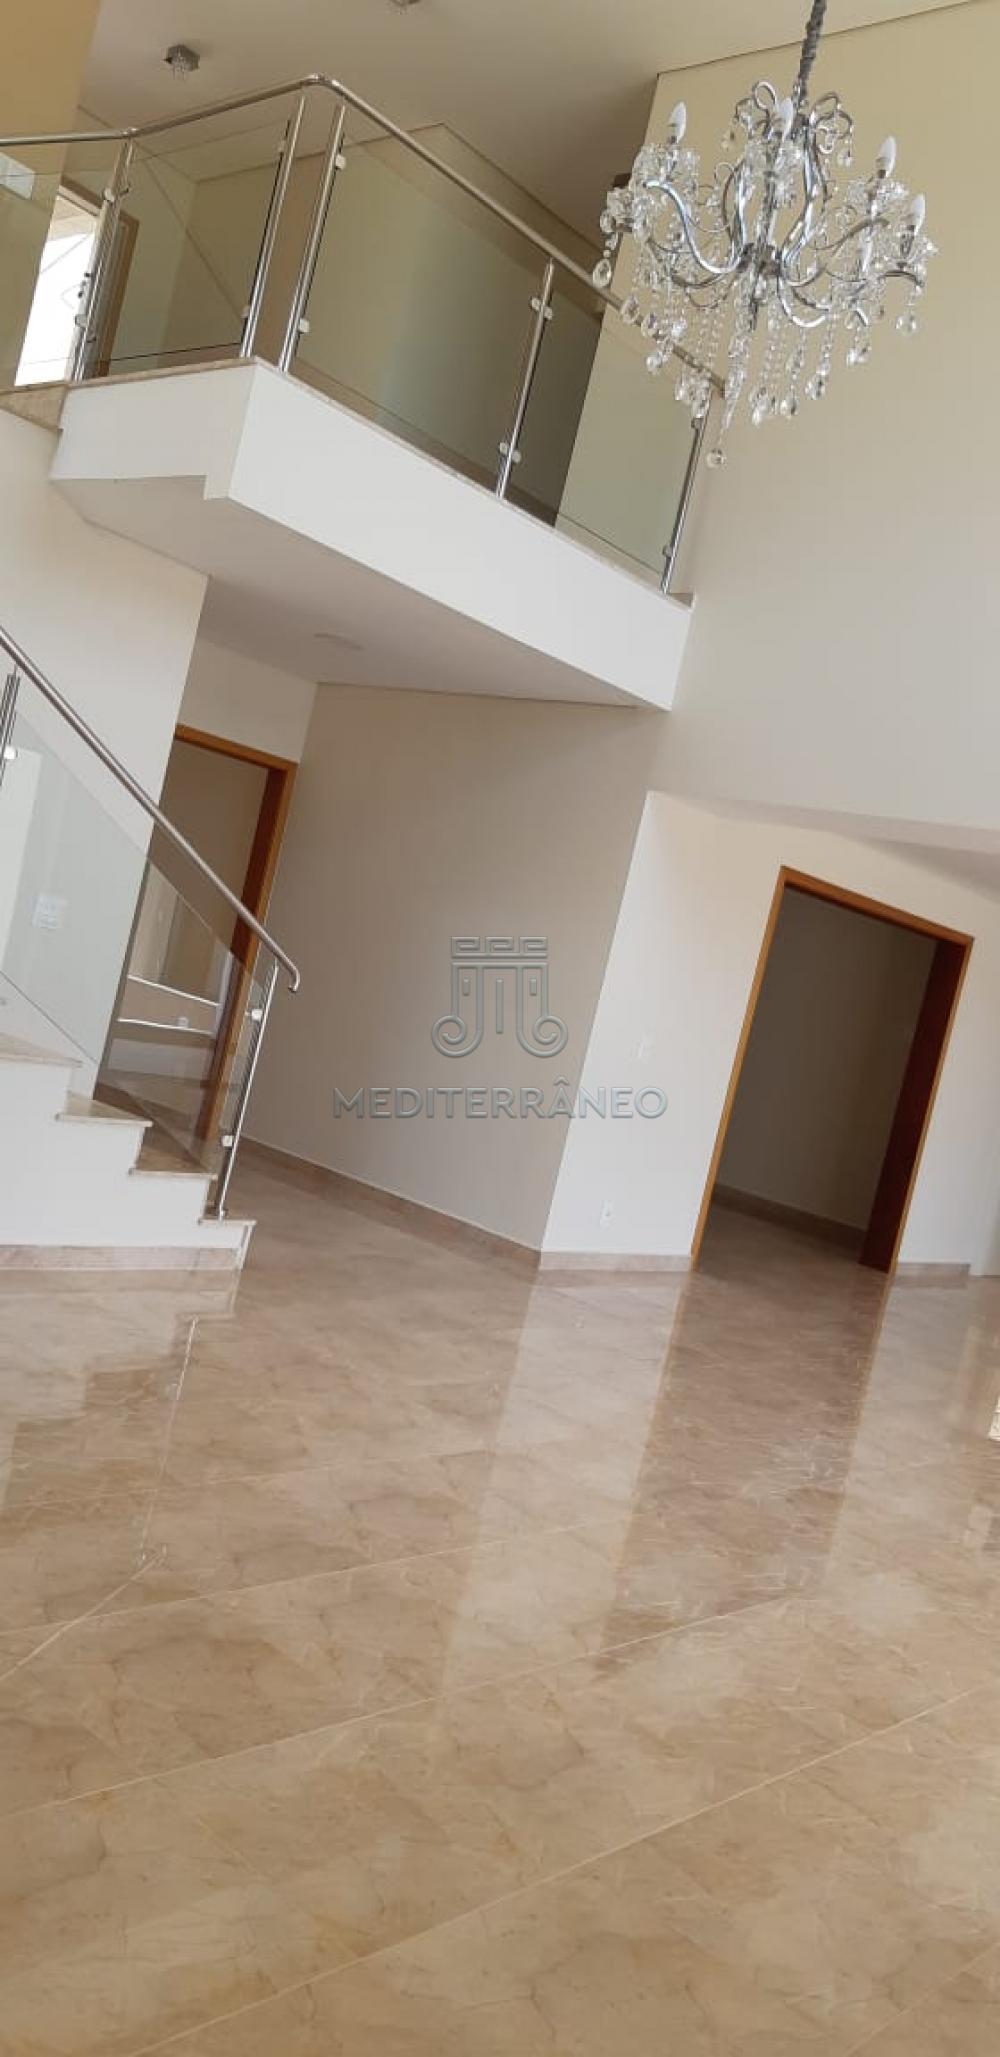 Comprar Casa / Condomínio em Jundiaí apenas R$ 2.000.000,00 - Foto 15